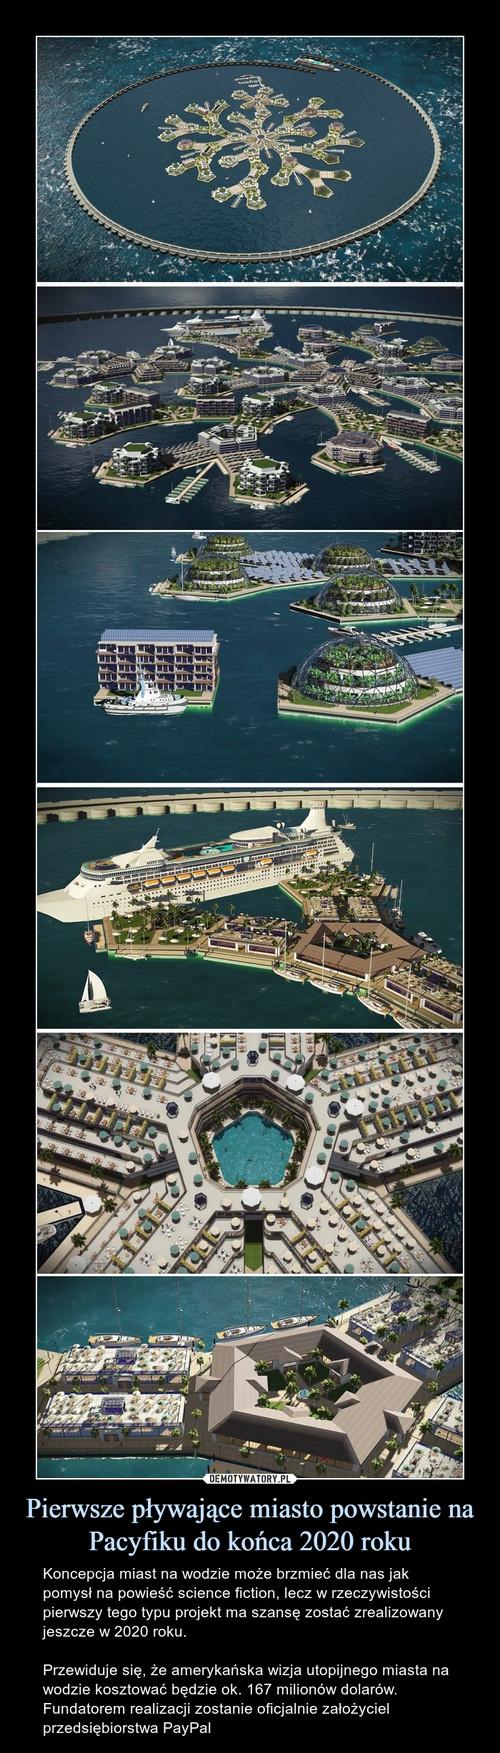 Pierwsze pływające miasto powstanie na Pacyfiku do końca 2020 roku